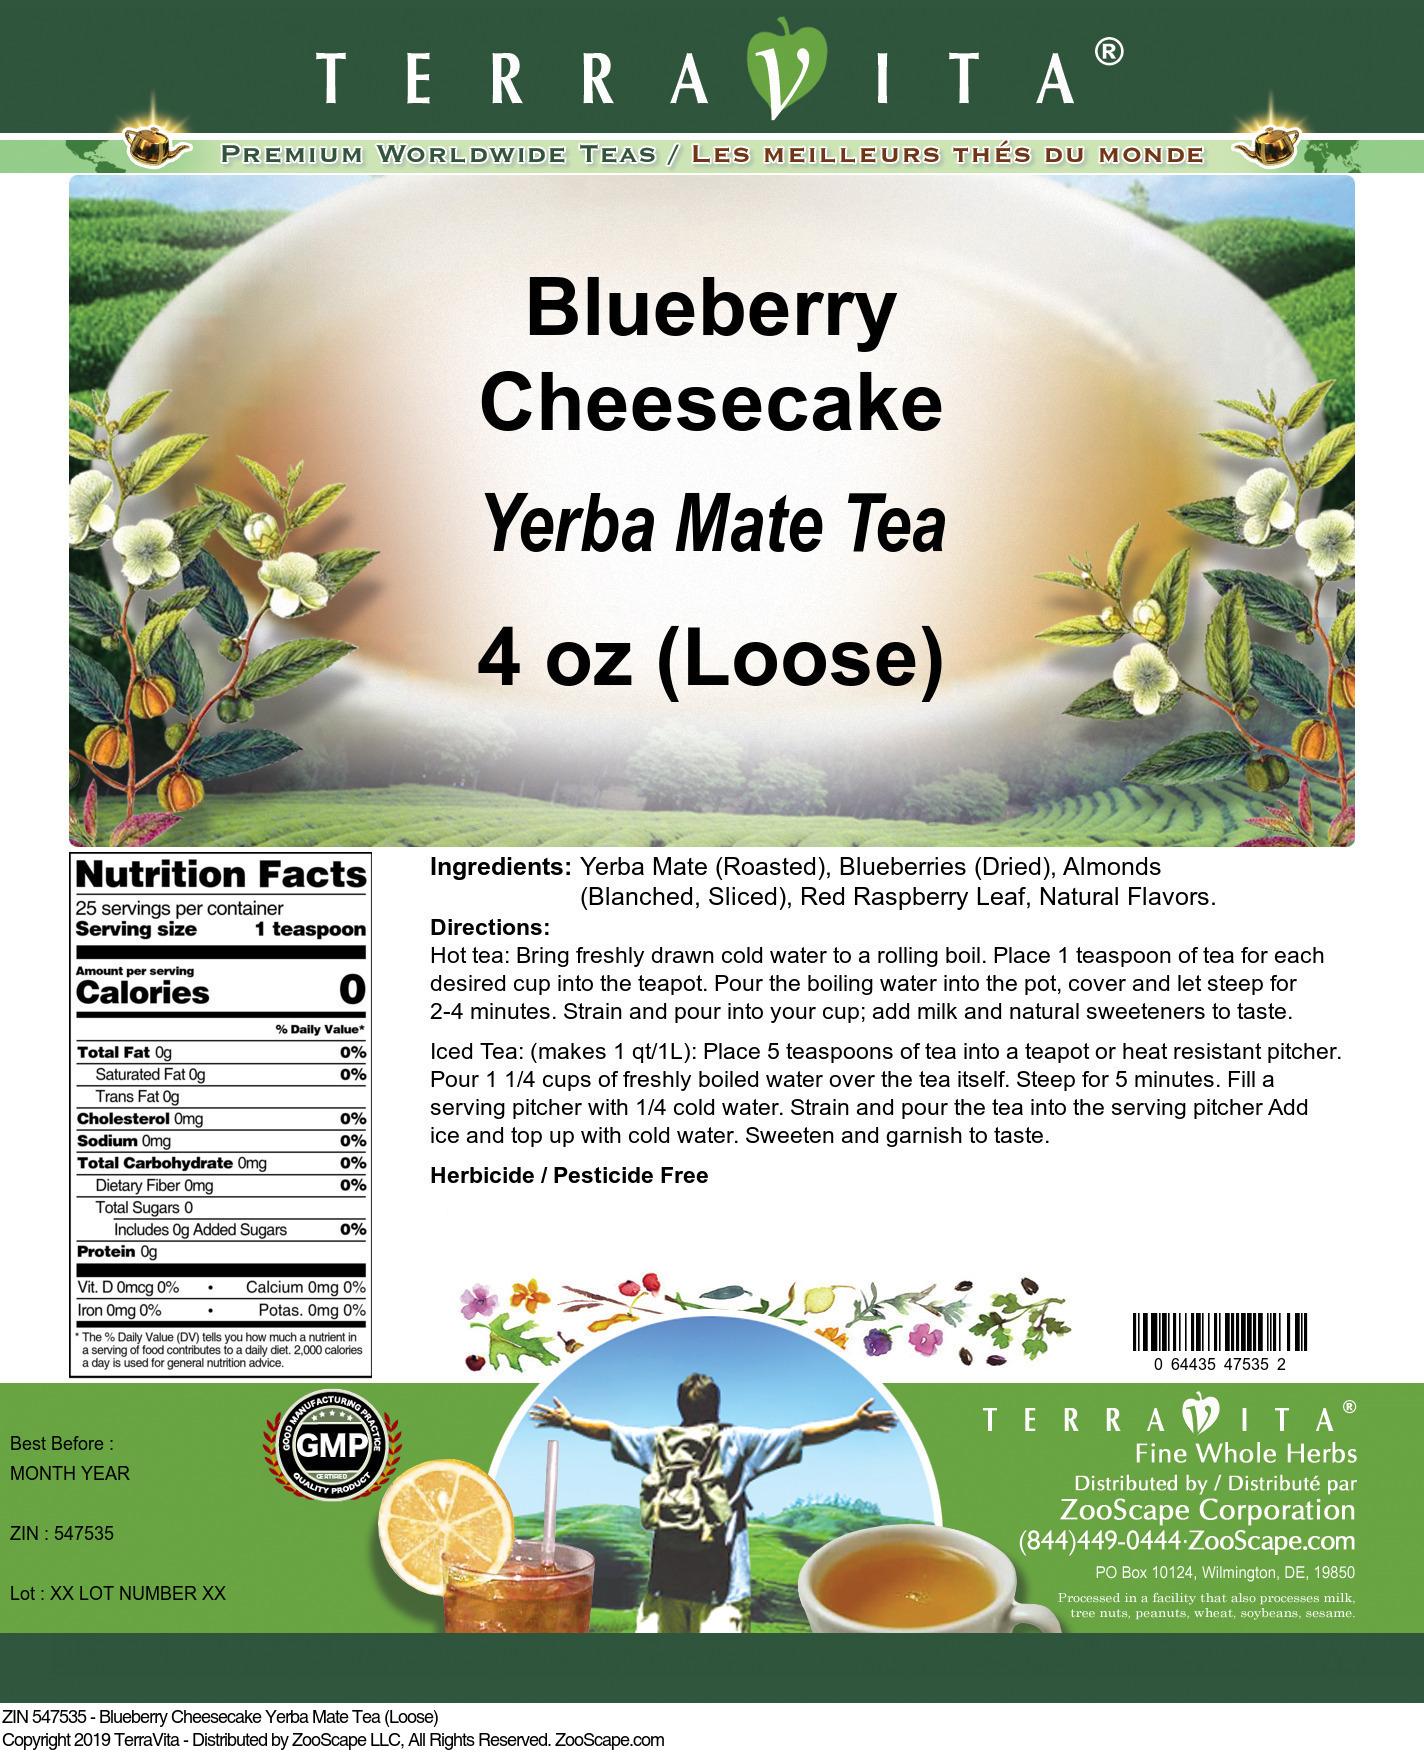 Blueberry Cheesecake Yerba Mate